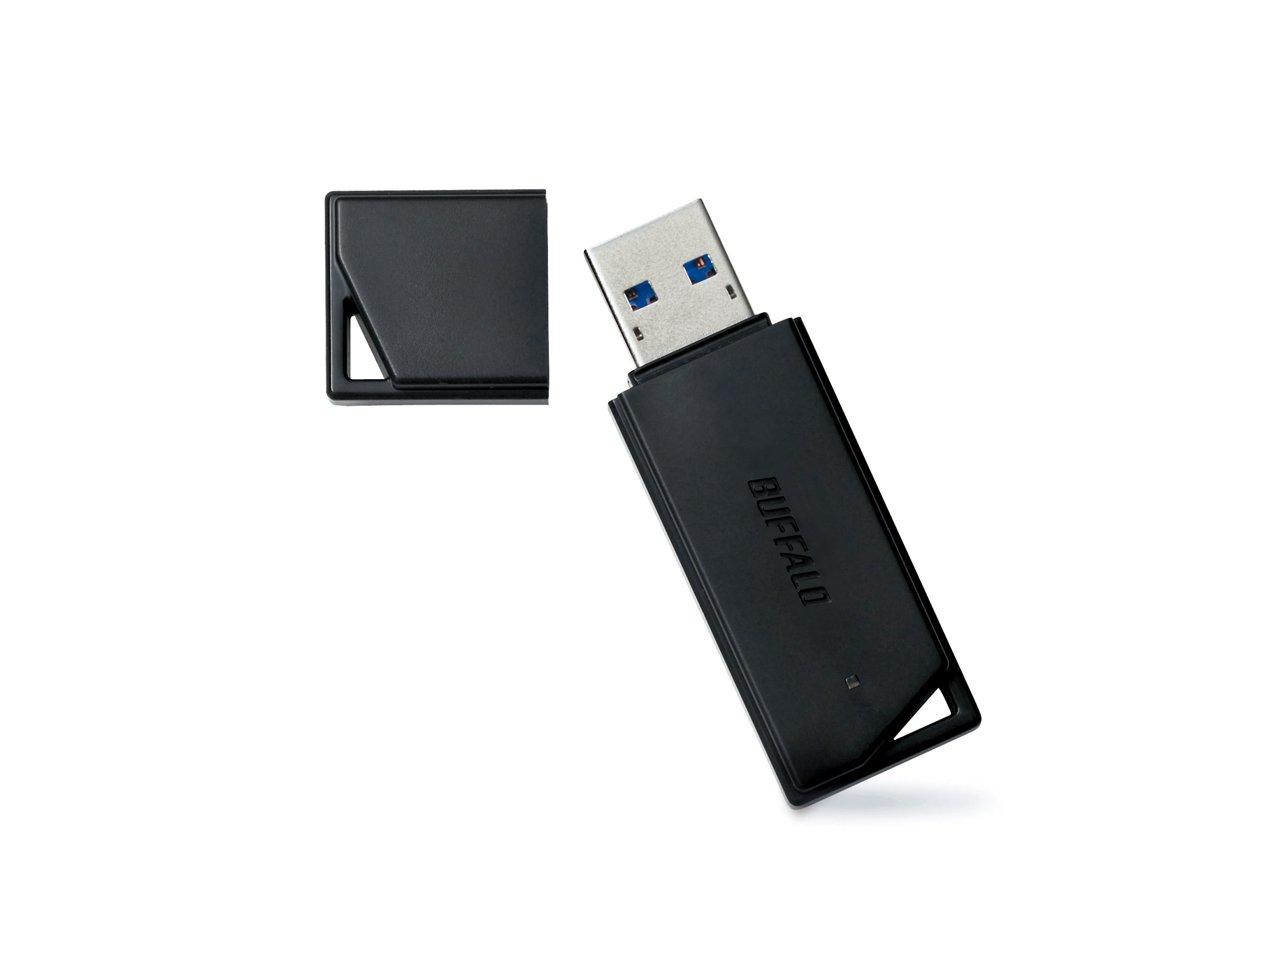 Amazon Buffalo Usb30 Usb 8gb Flashdisk Toshiba 8 Gb Ruf3 K8ga Bk N Ffp